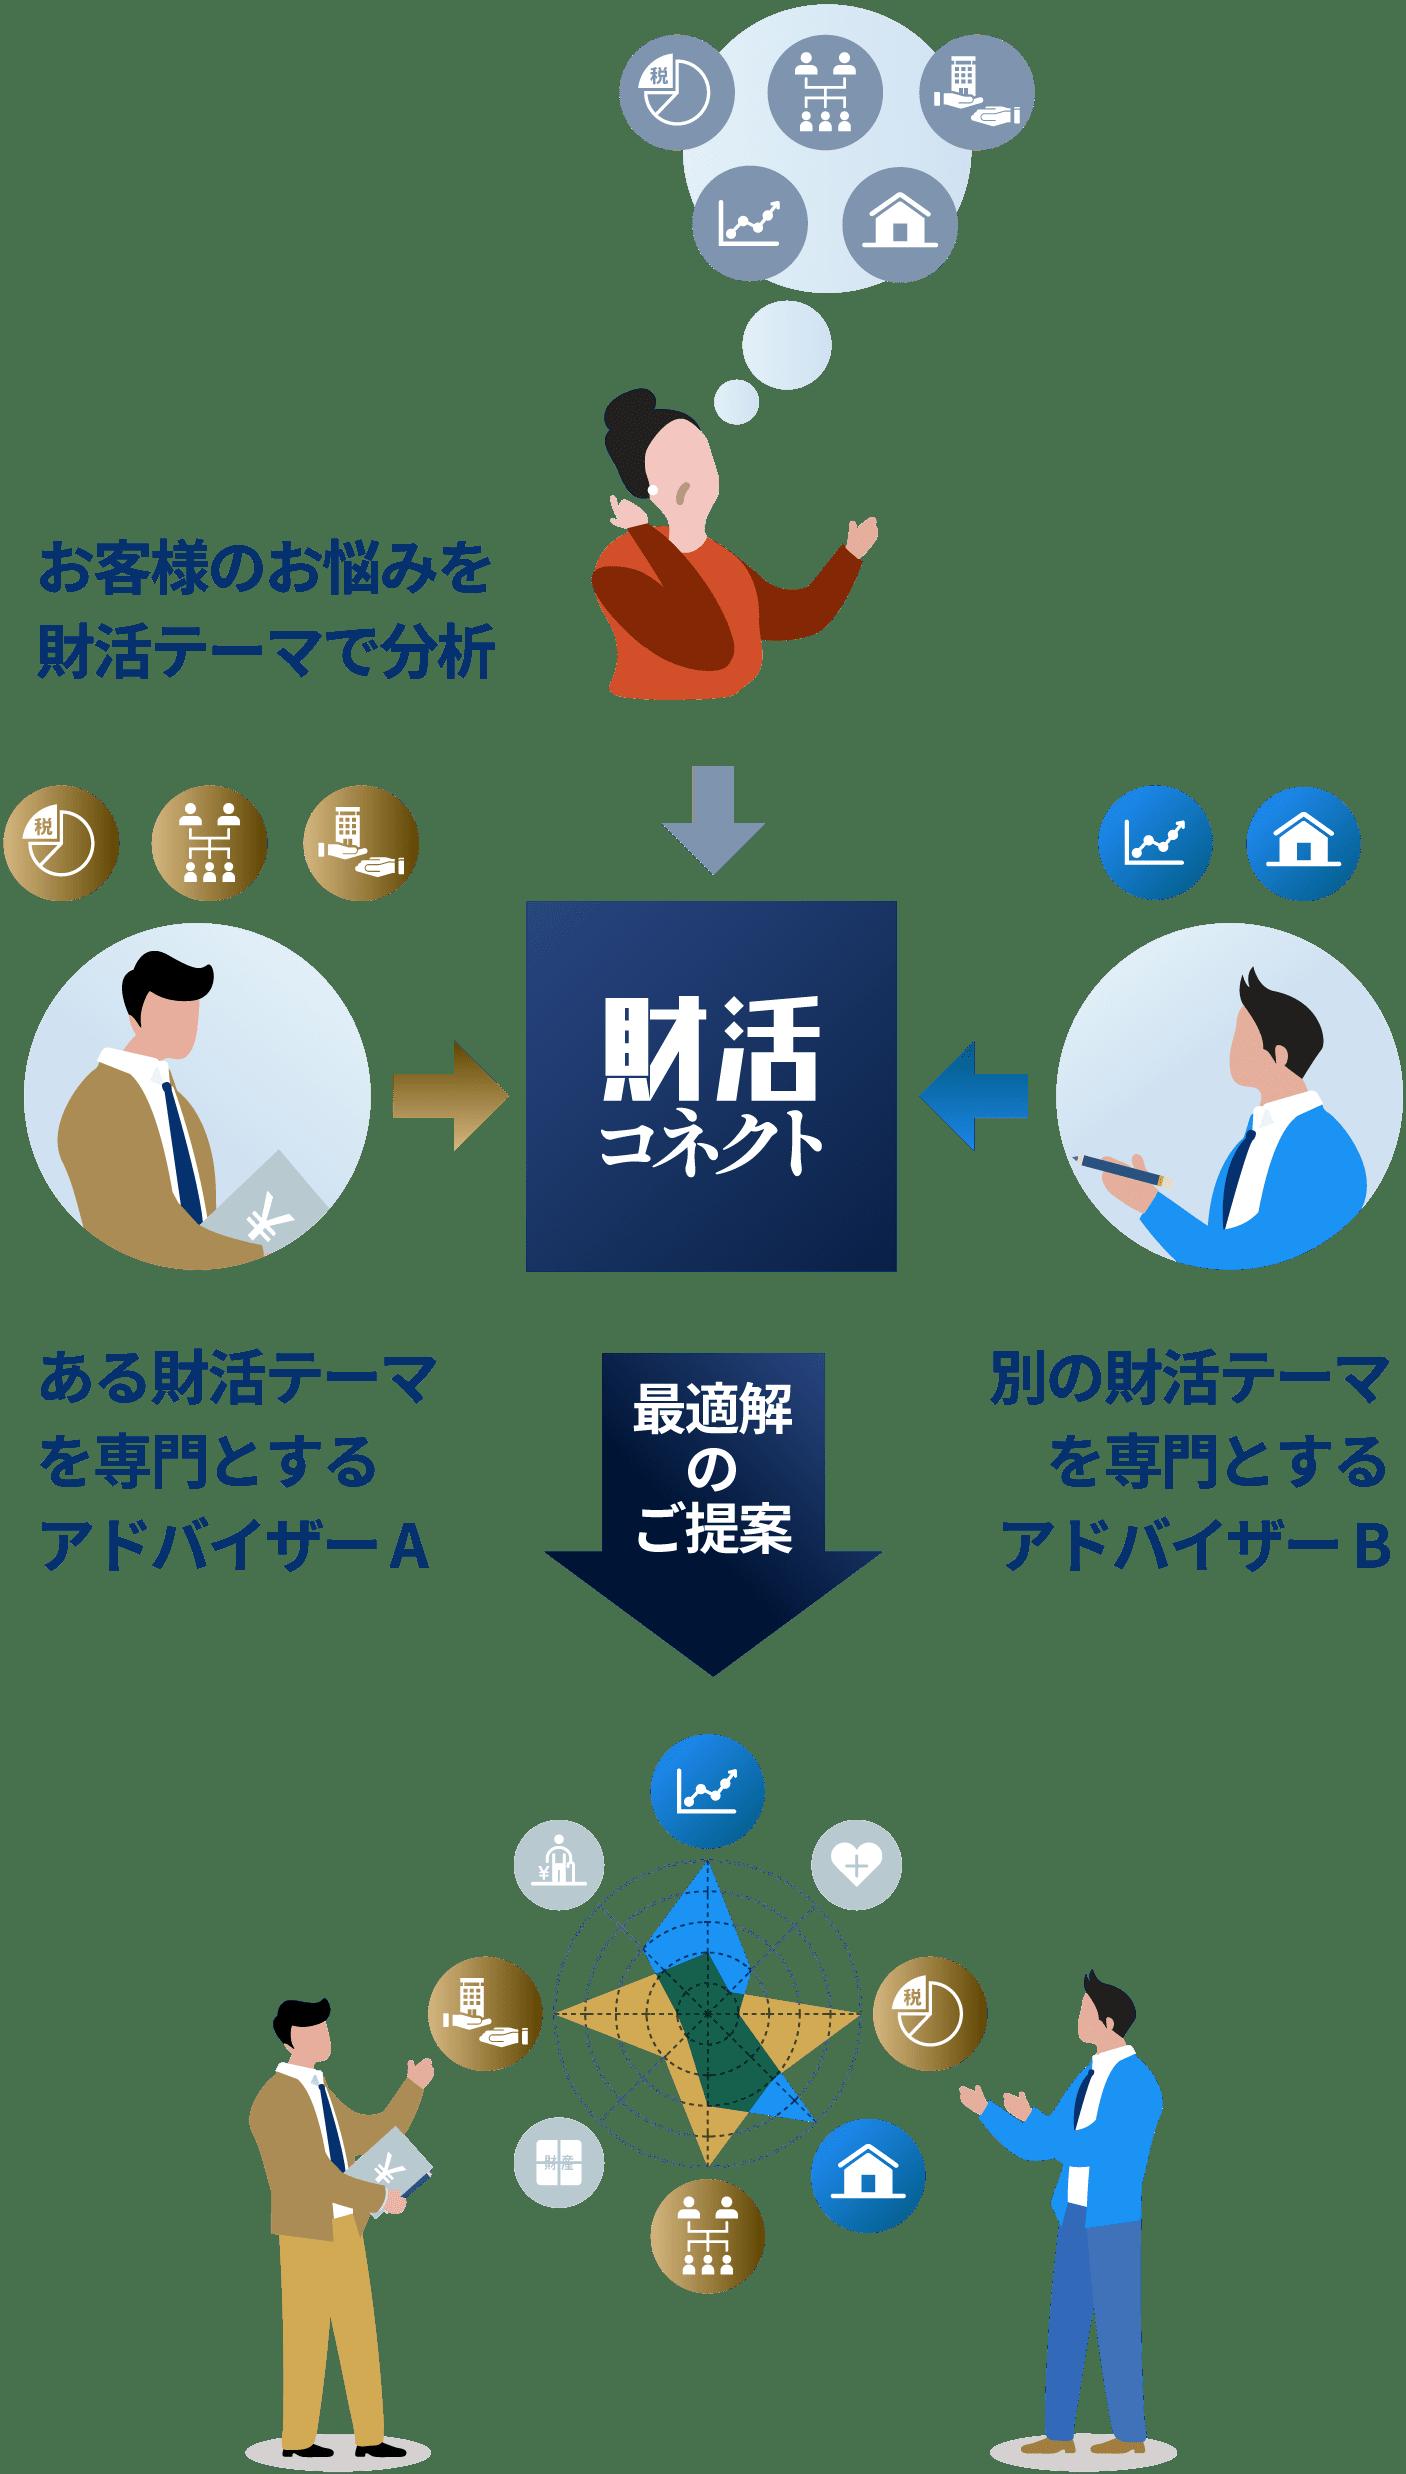 お客様のお悩みを財活テーマで分析。各専門分野のアドバイザーが「財活コネクト」を活用することで、最適解をご提案いたします